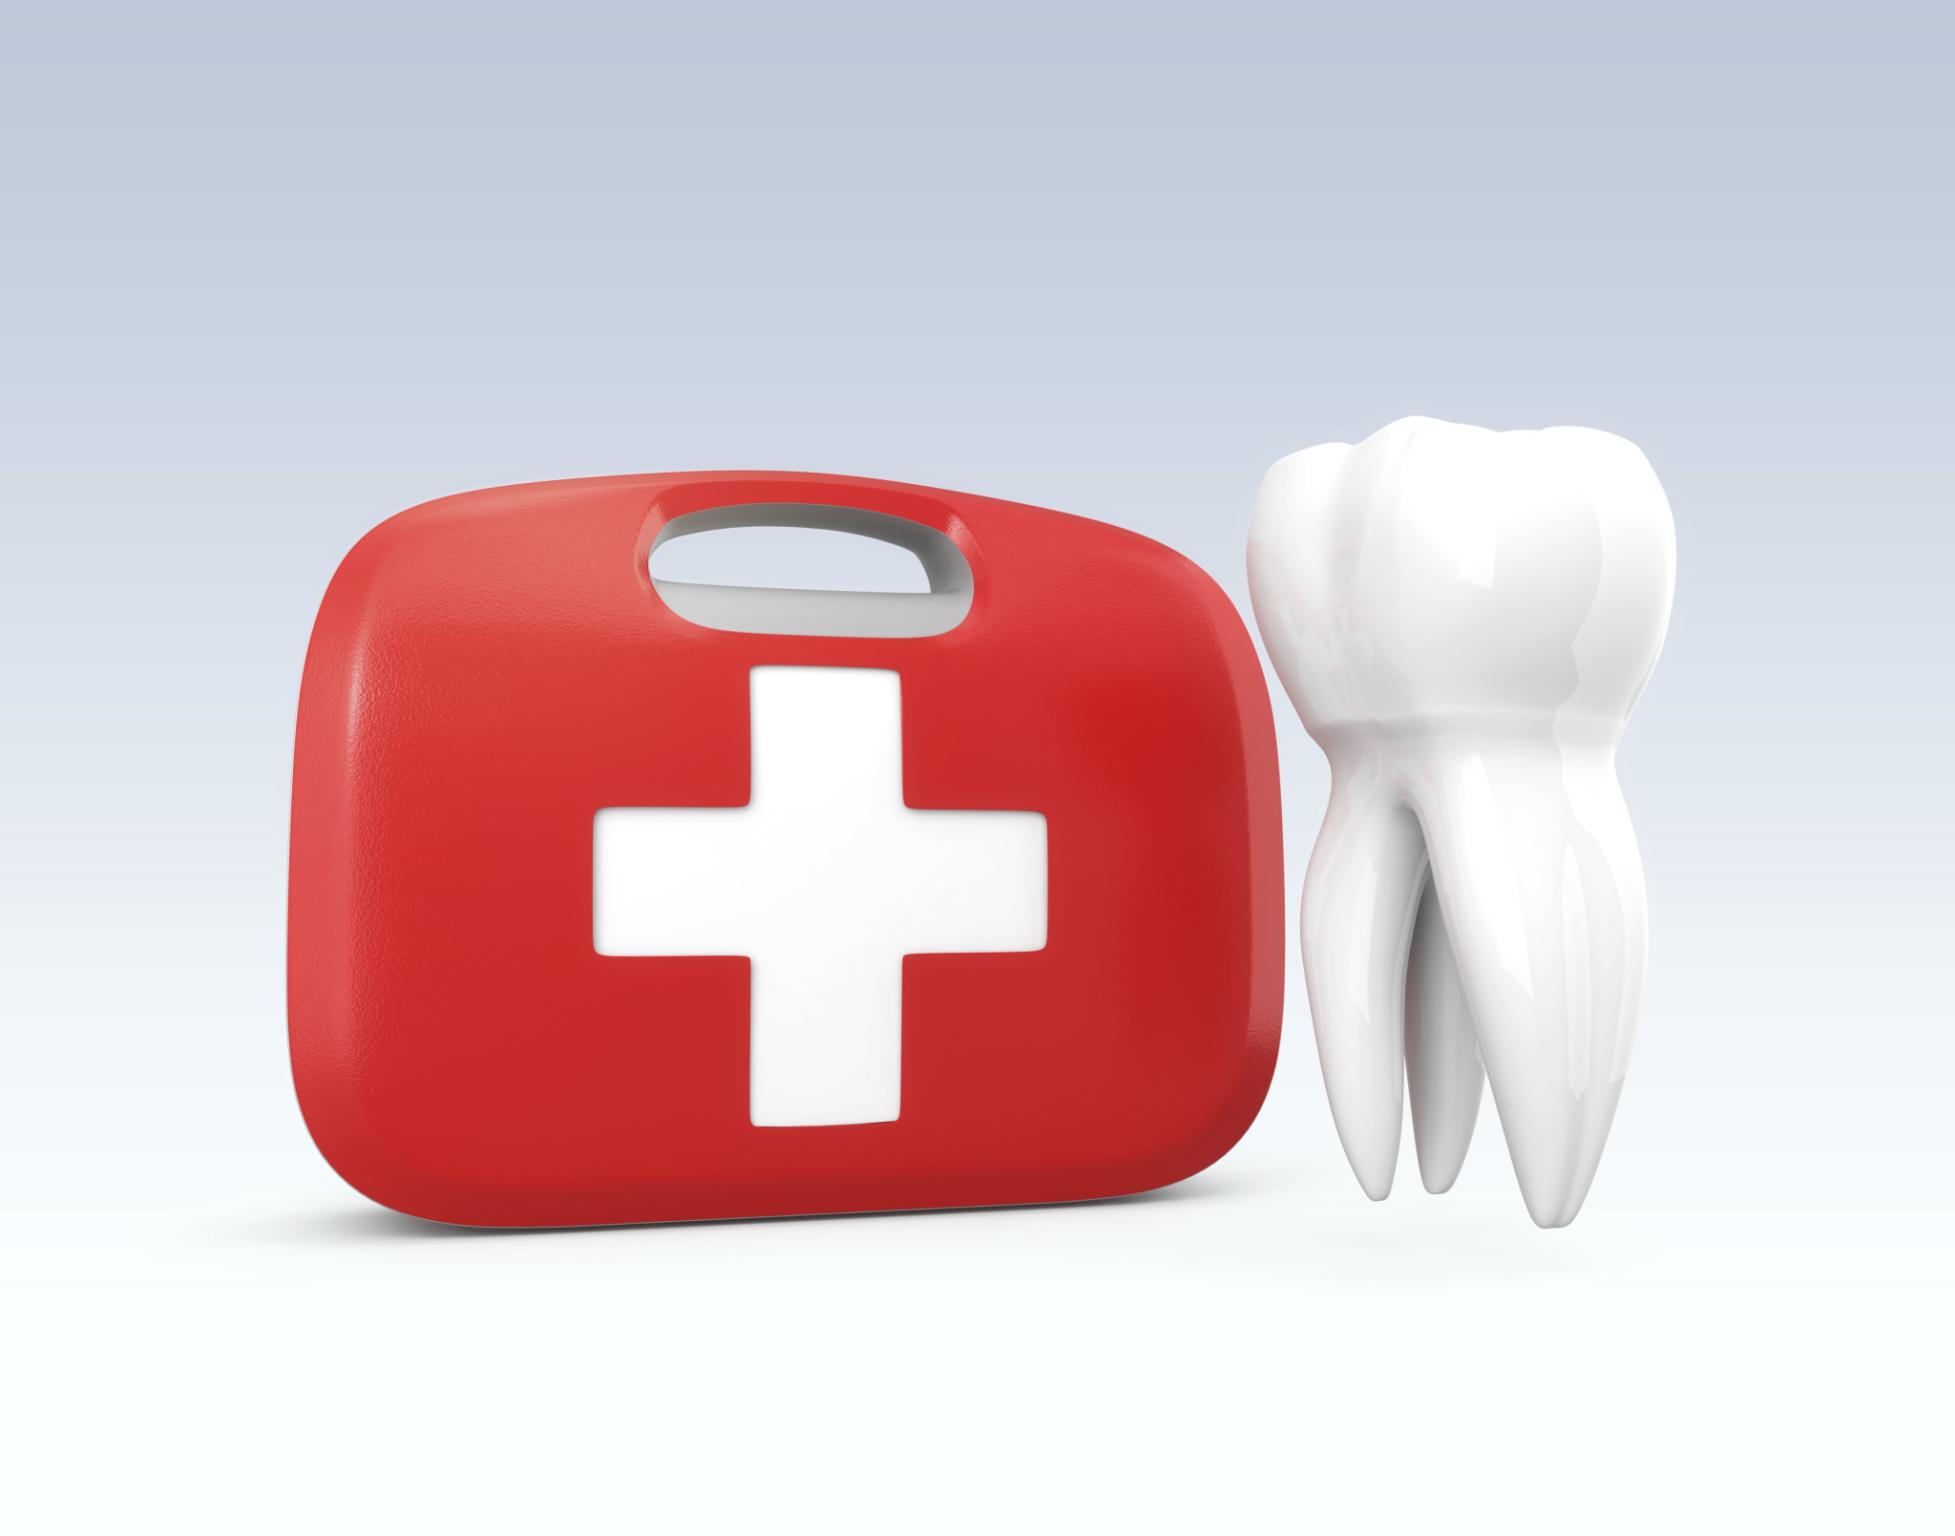 Δόντια: Πρώτες βοήθειες για τα απρόοπτα στο σπίτι